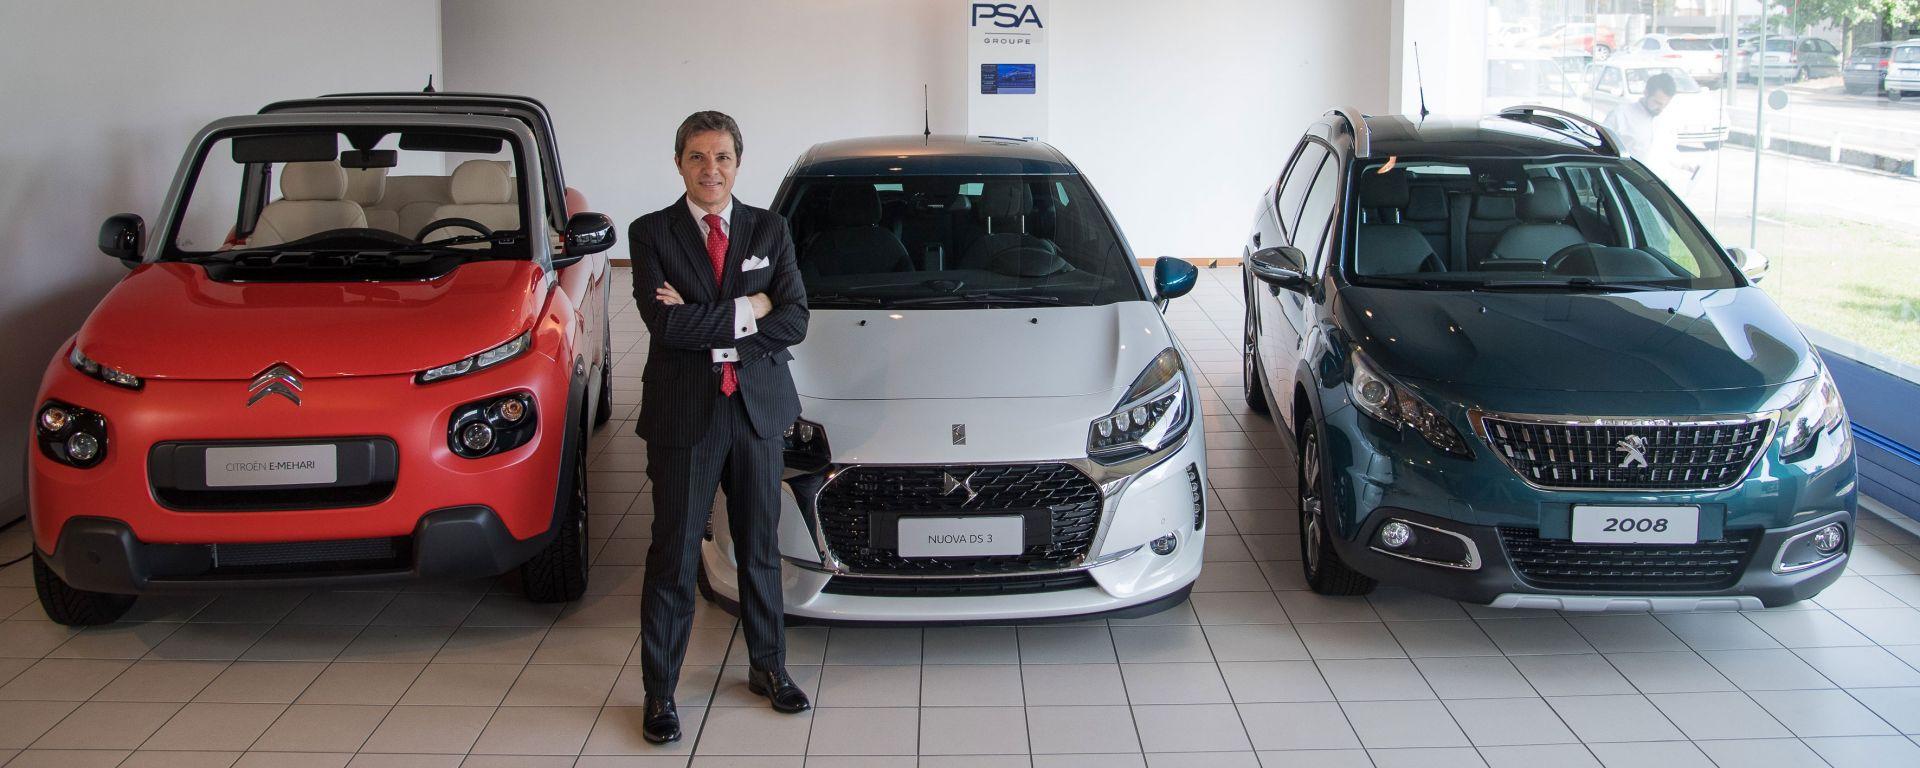 Gruppo PSA: due chiacchiere con Massimo Roserba, Direttore Generale PSA Italia